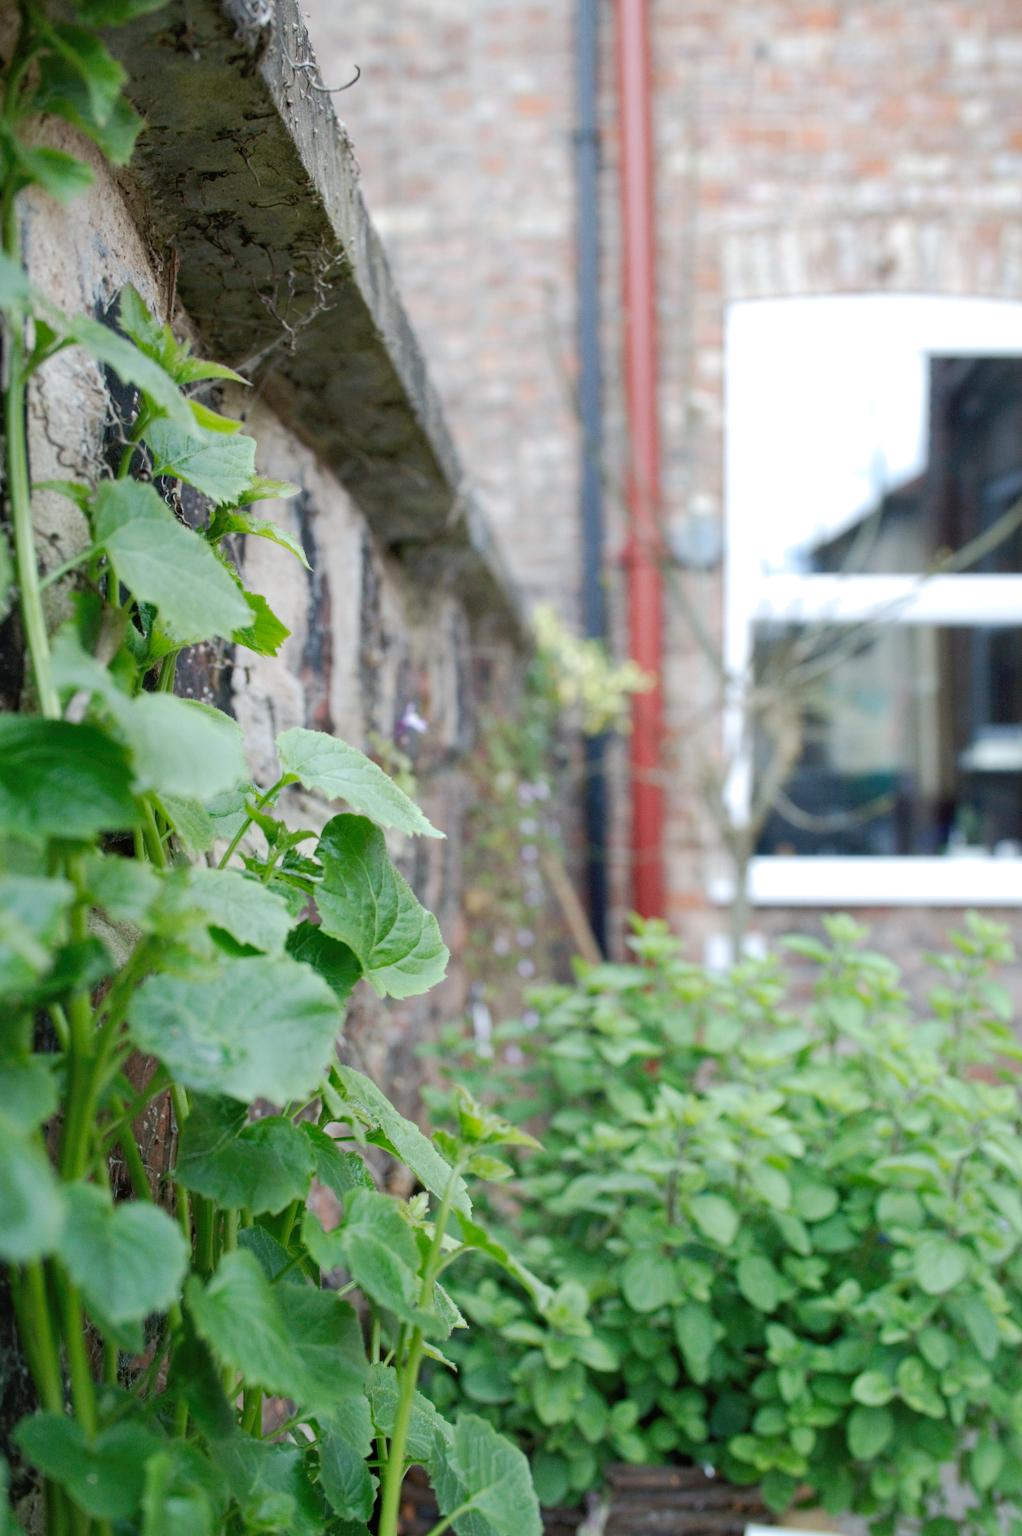 Mein englischer Garten - Mauerblümchen - Zebraspider DIY Anti-Fashion Blog